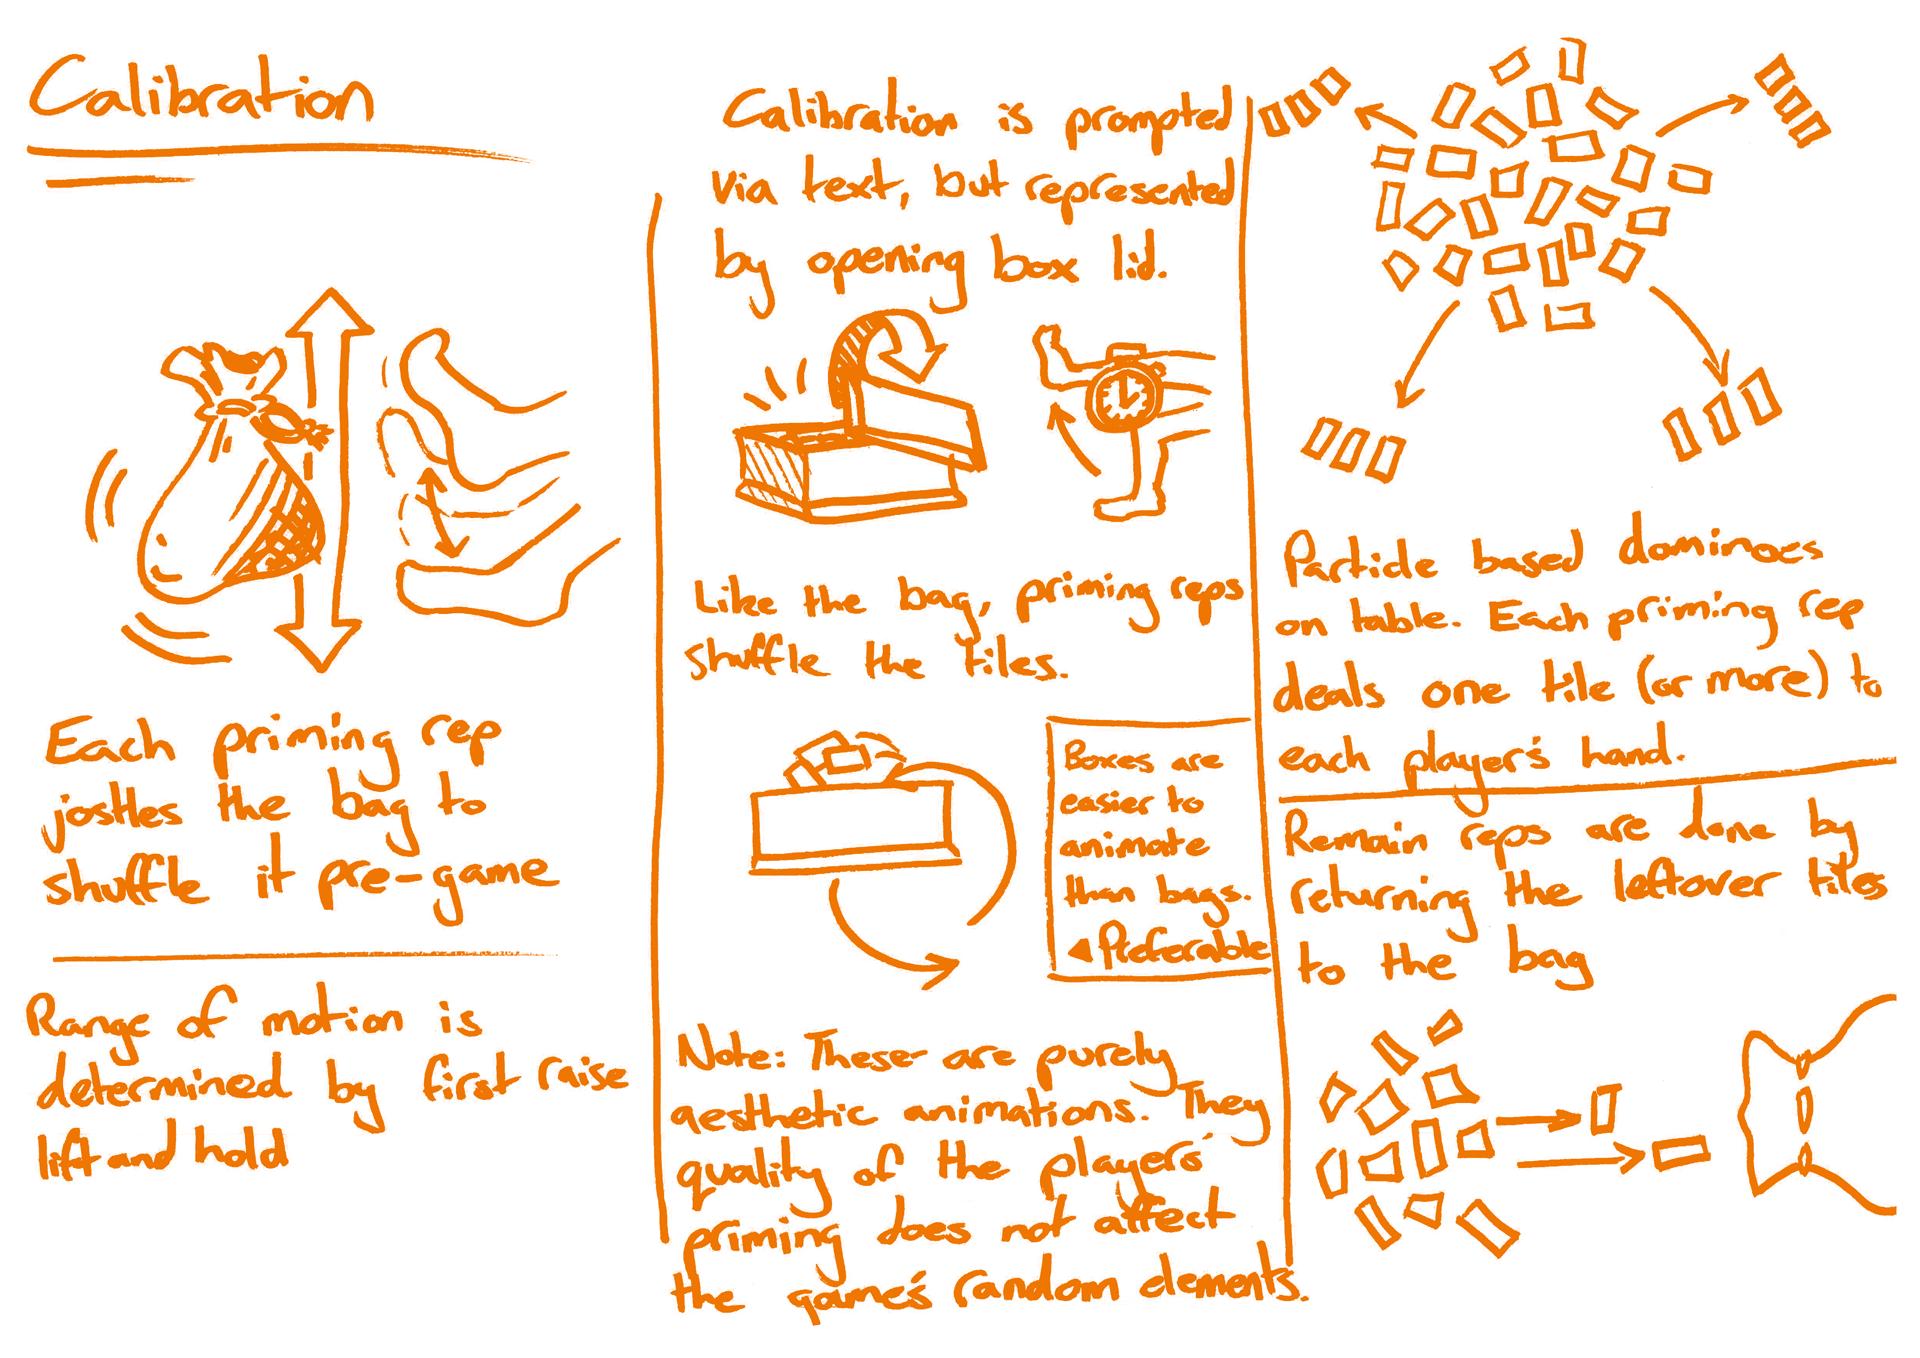 Figure 6.3 - Calibration Concepts